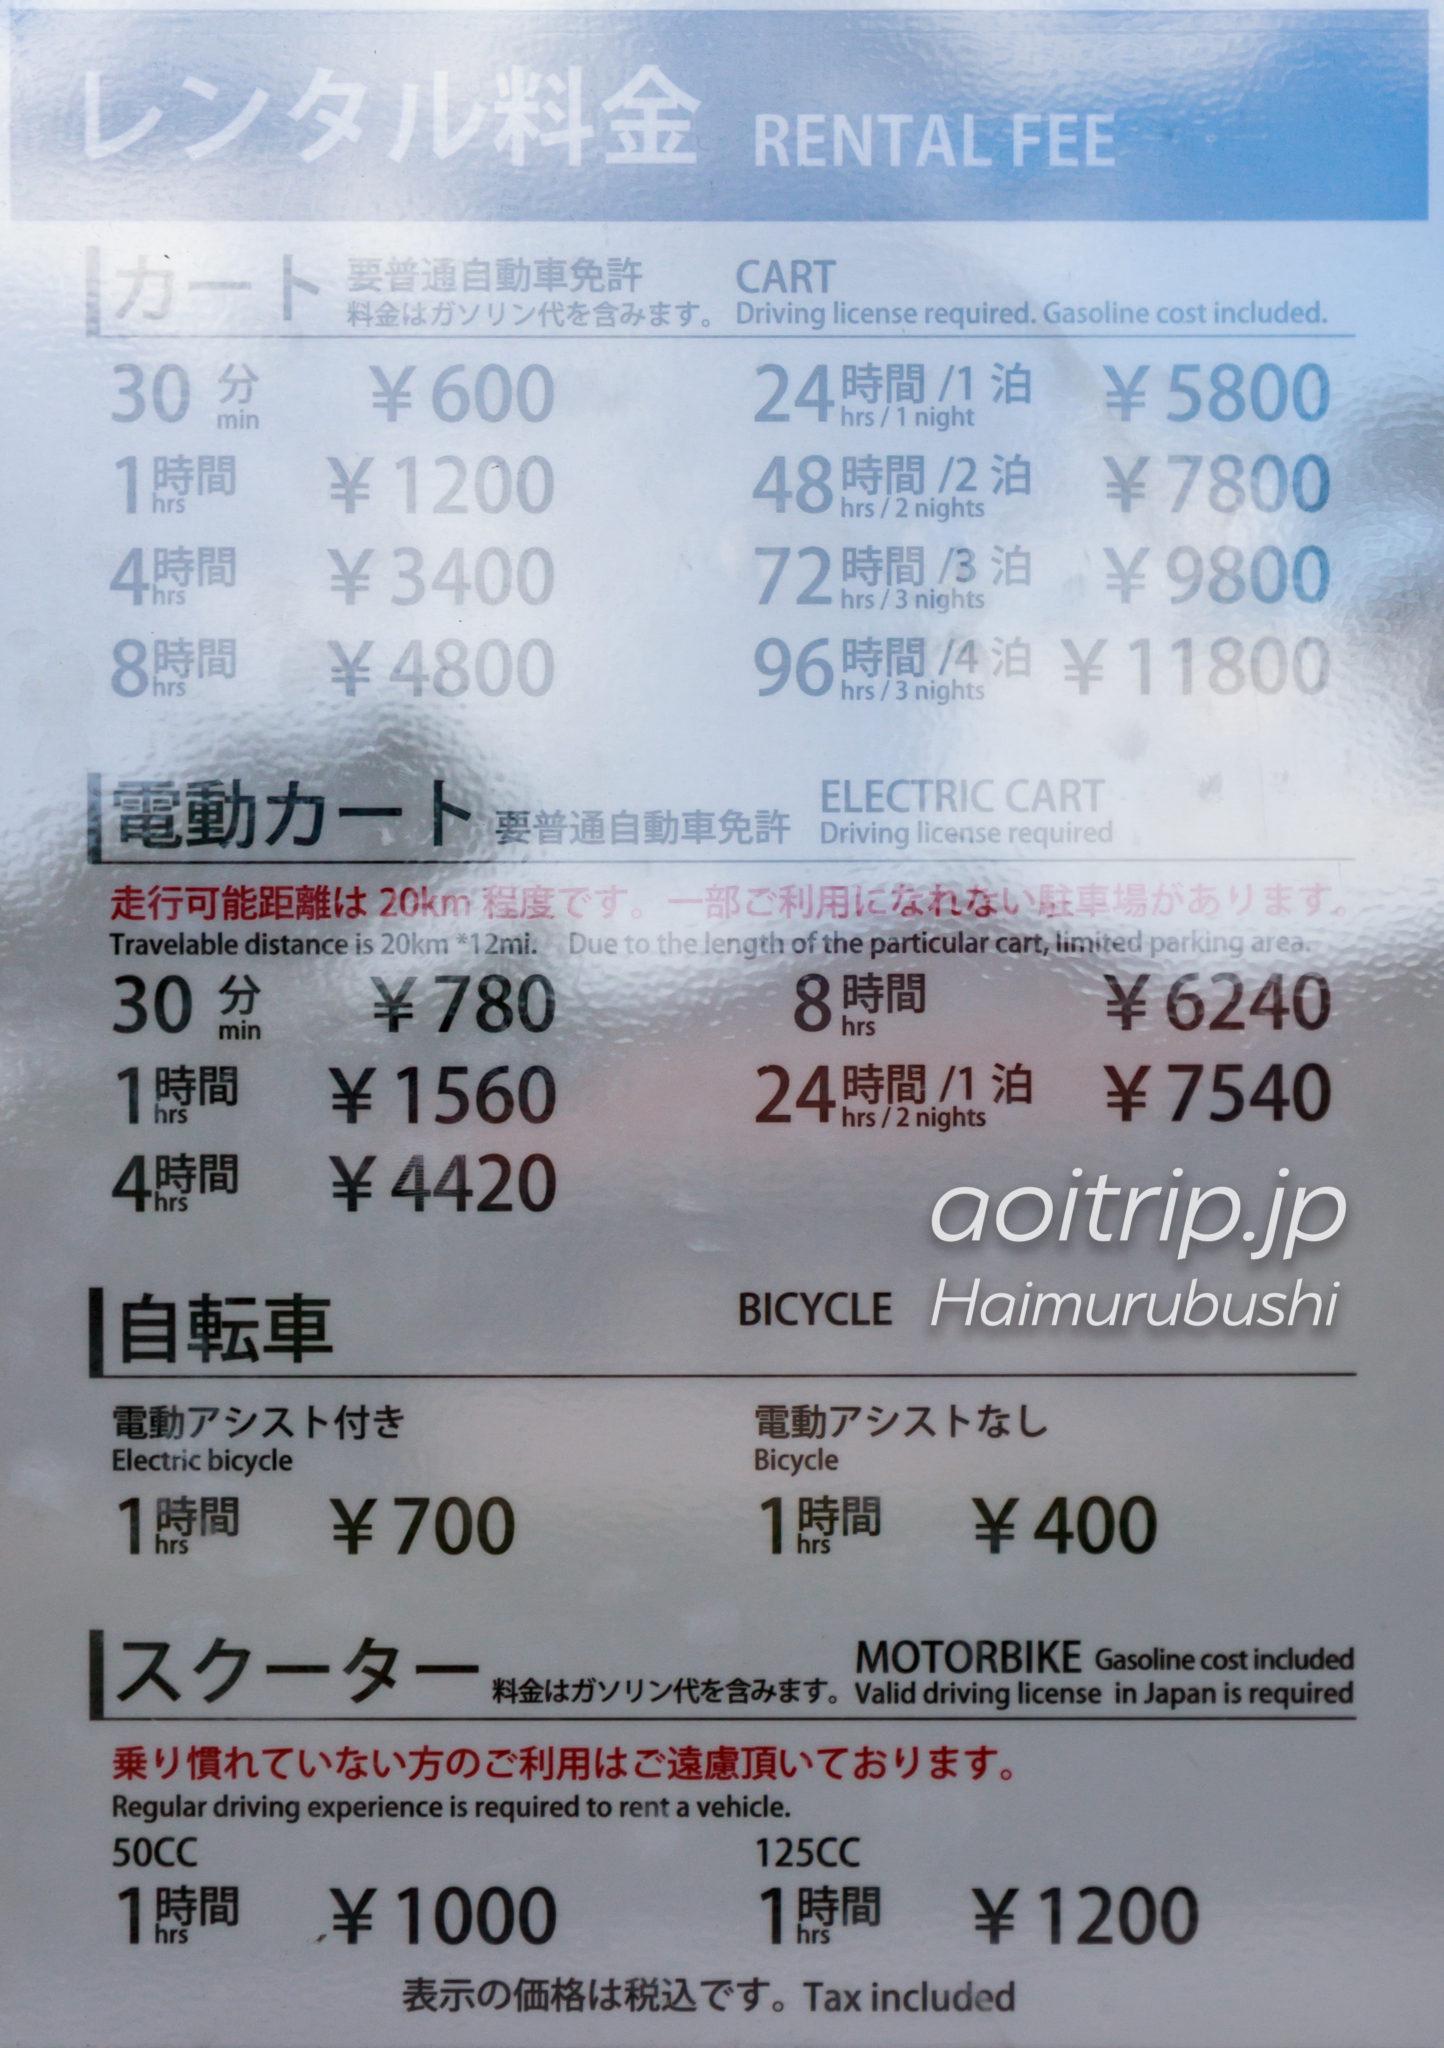 はいむるぶしのカート・原付・自転車のレンタル料金